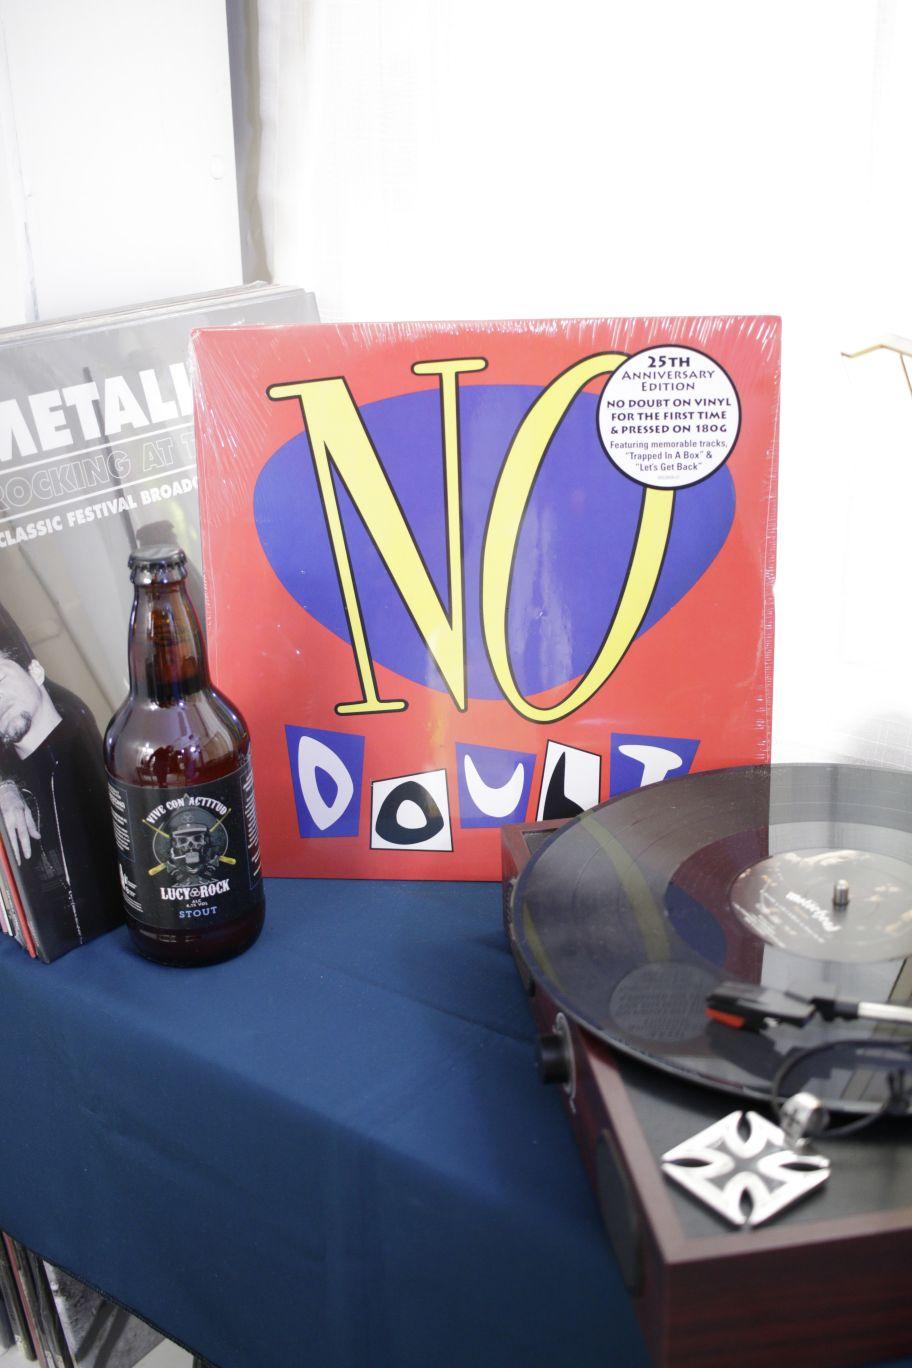 VINILO NO DOUBT HOMONIMO (LP)